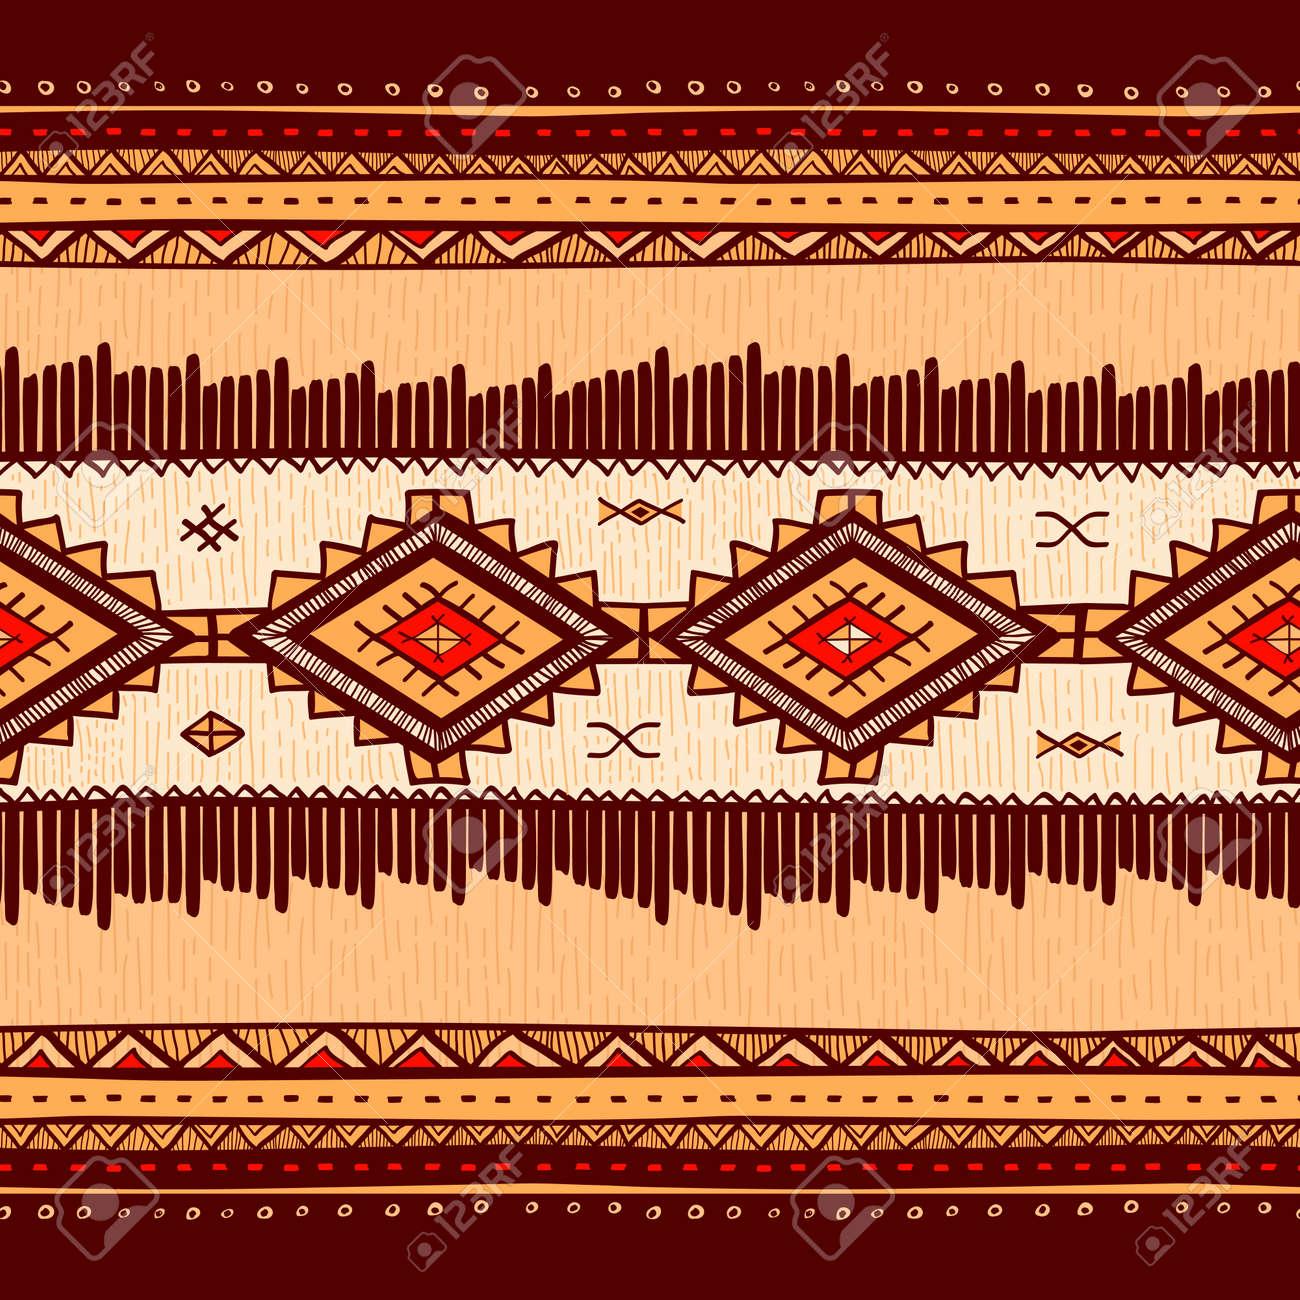 Ethno Muster nahtlose abstrakten hand gezeichnet ethno-muster, tribal hintergrund